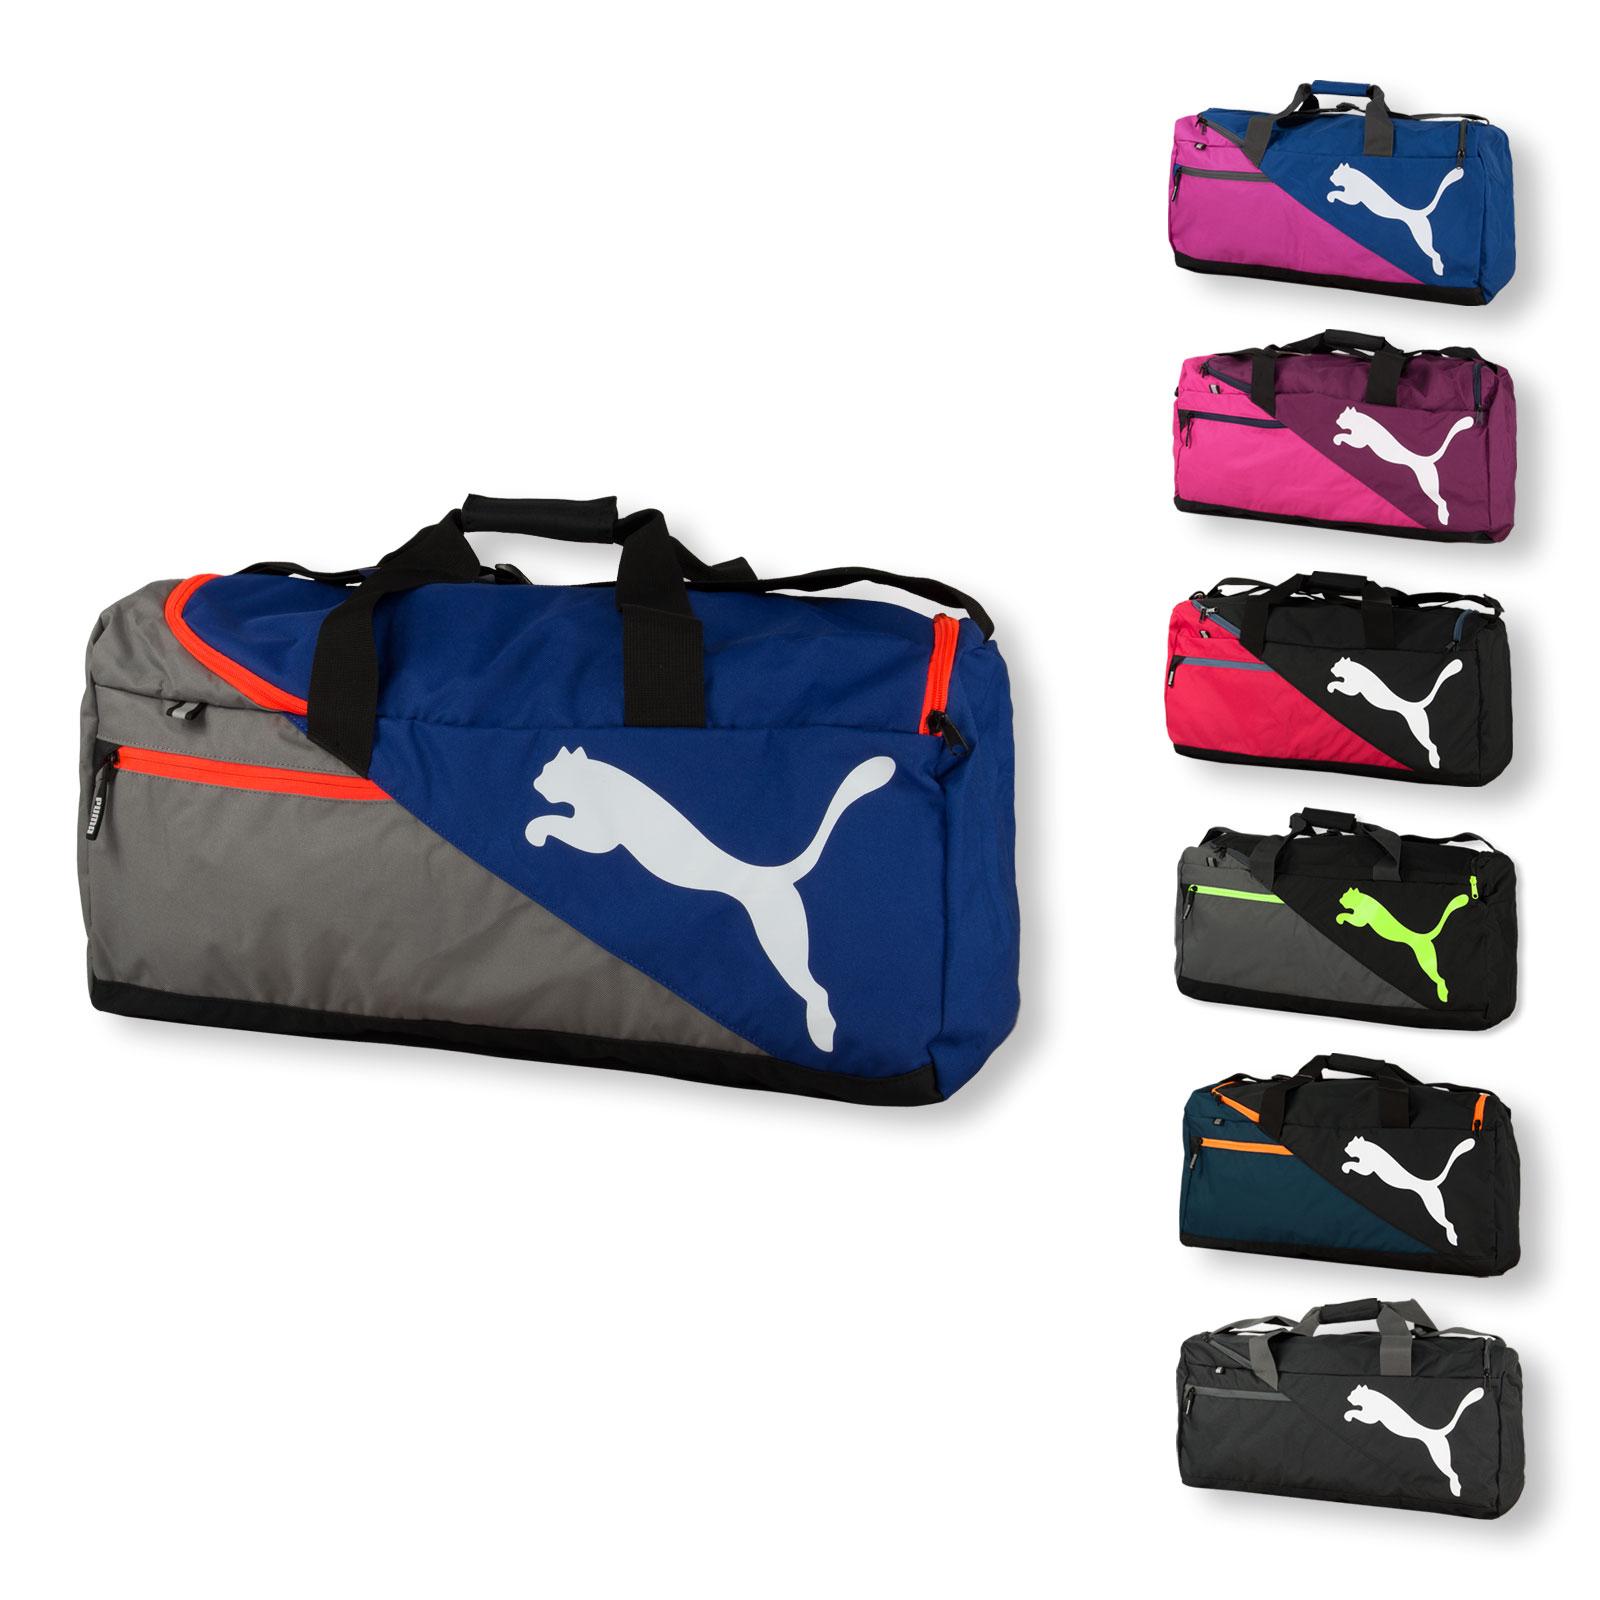 5200b8010a7c ... PUMA Sporttasche Umhängetasche Reisetasche Fundamentals Sports Bag M  073395 in black